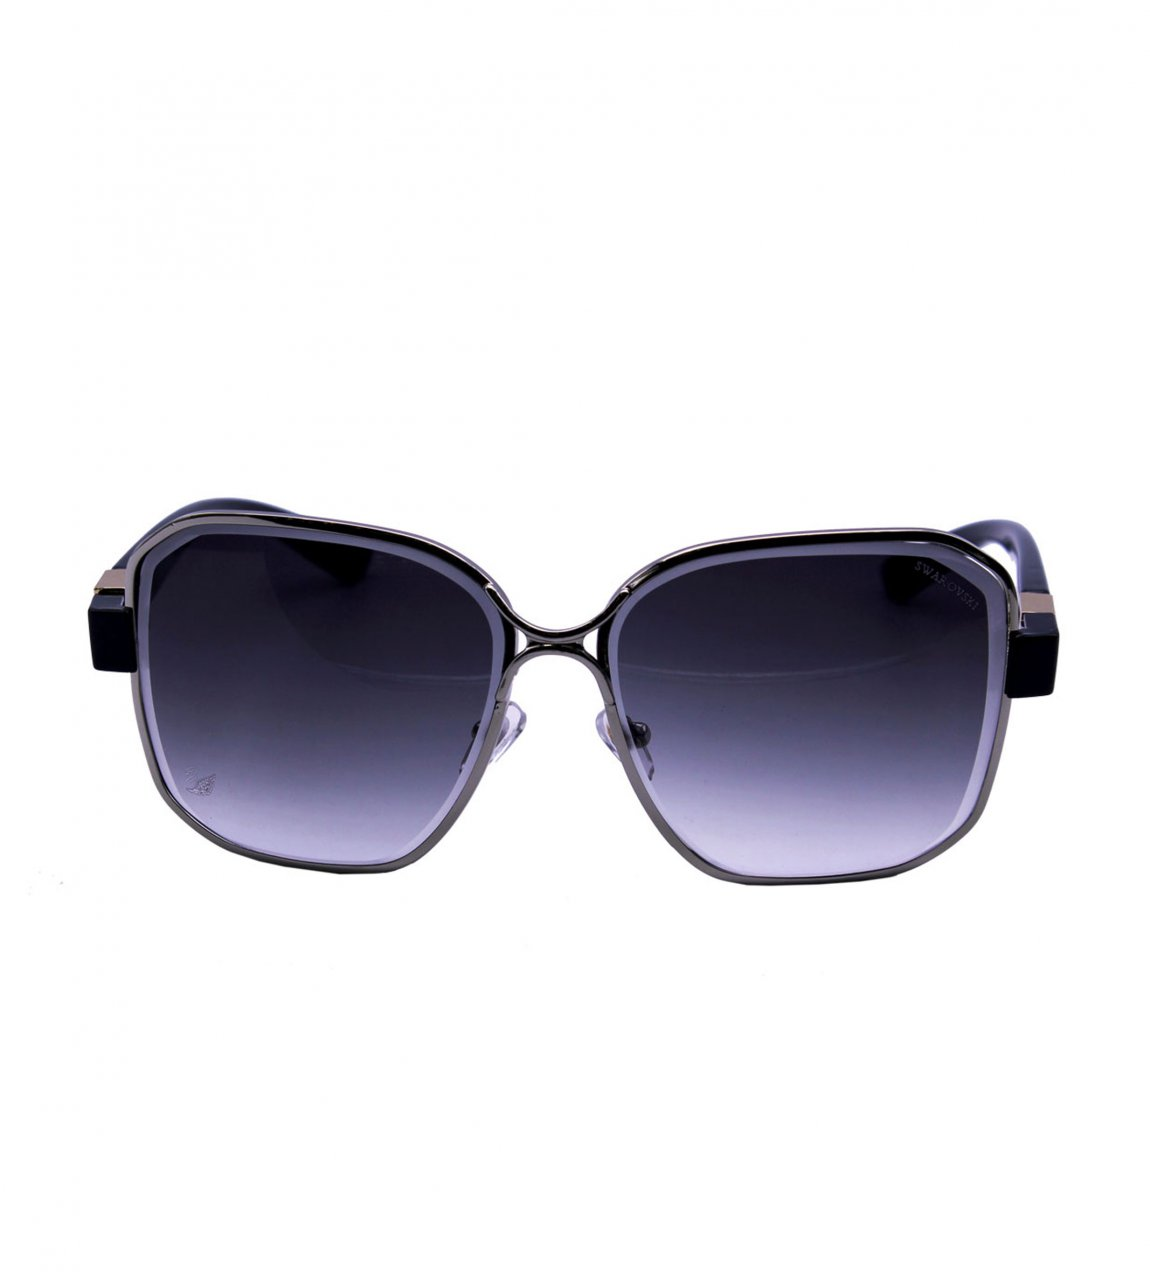 عینک های کپی swarosvski مدل 8003